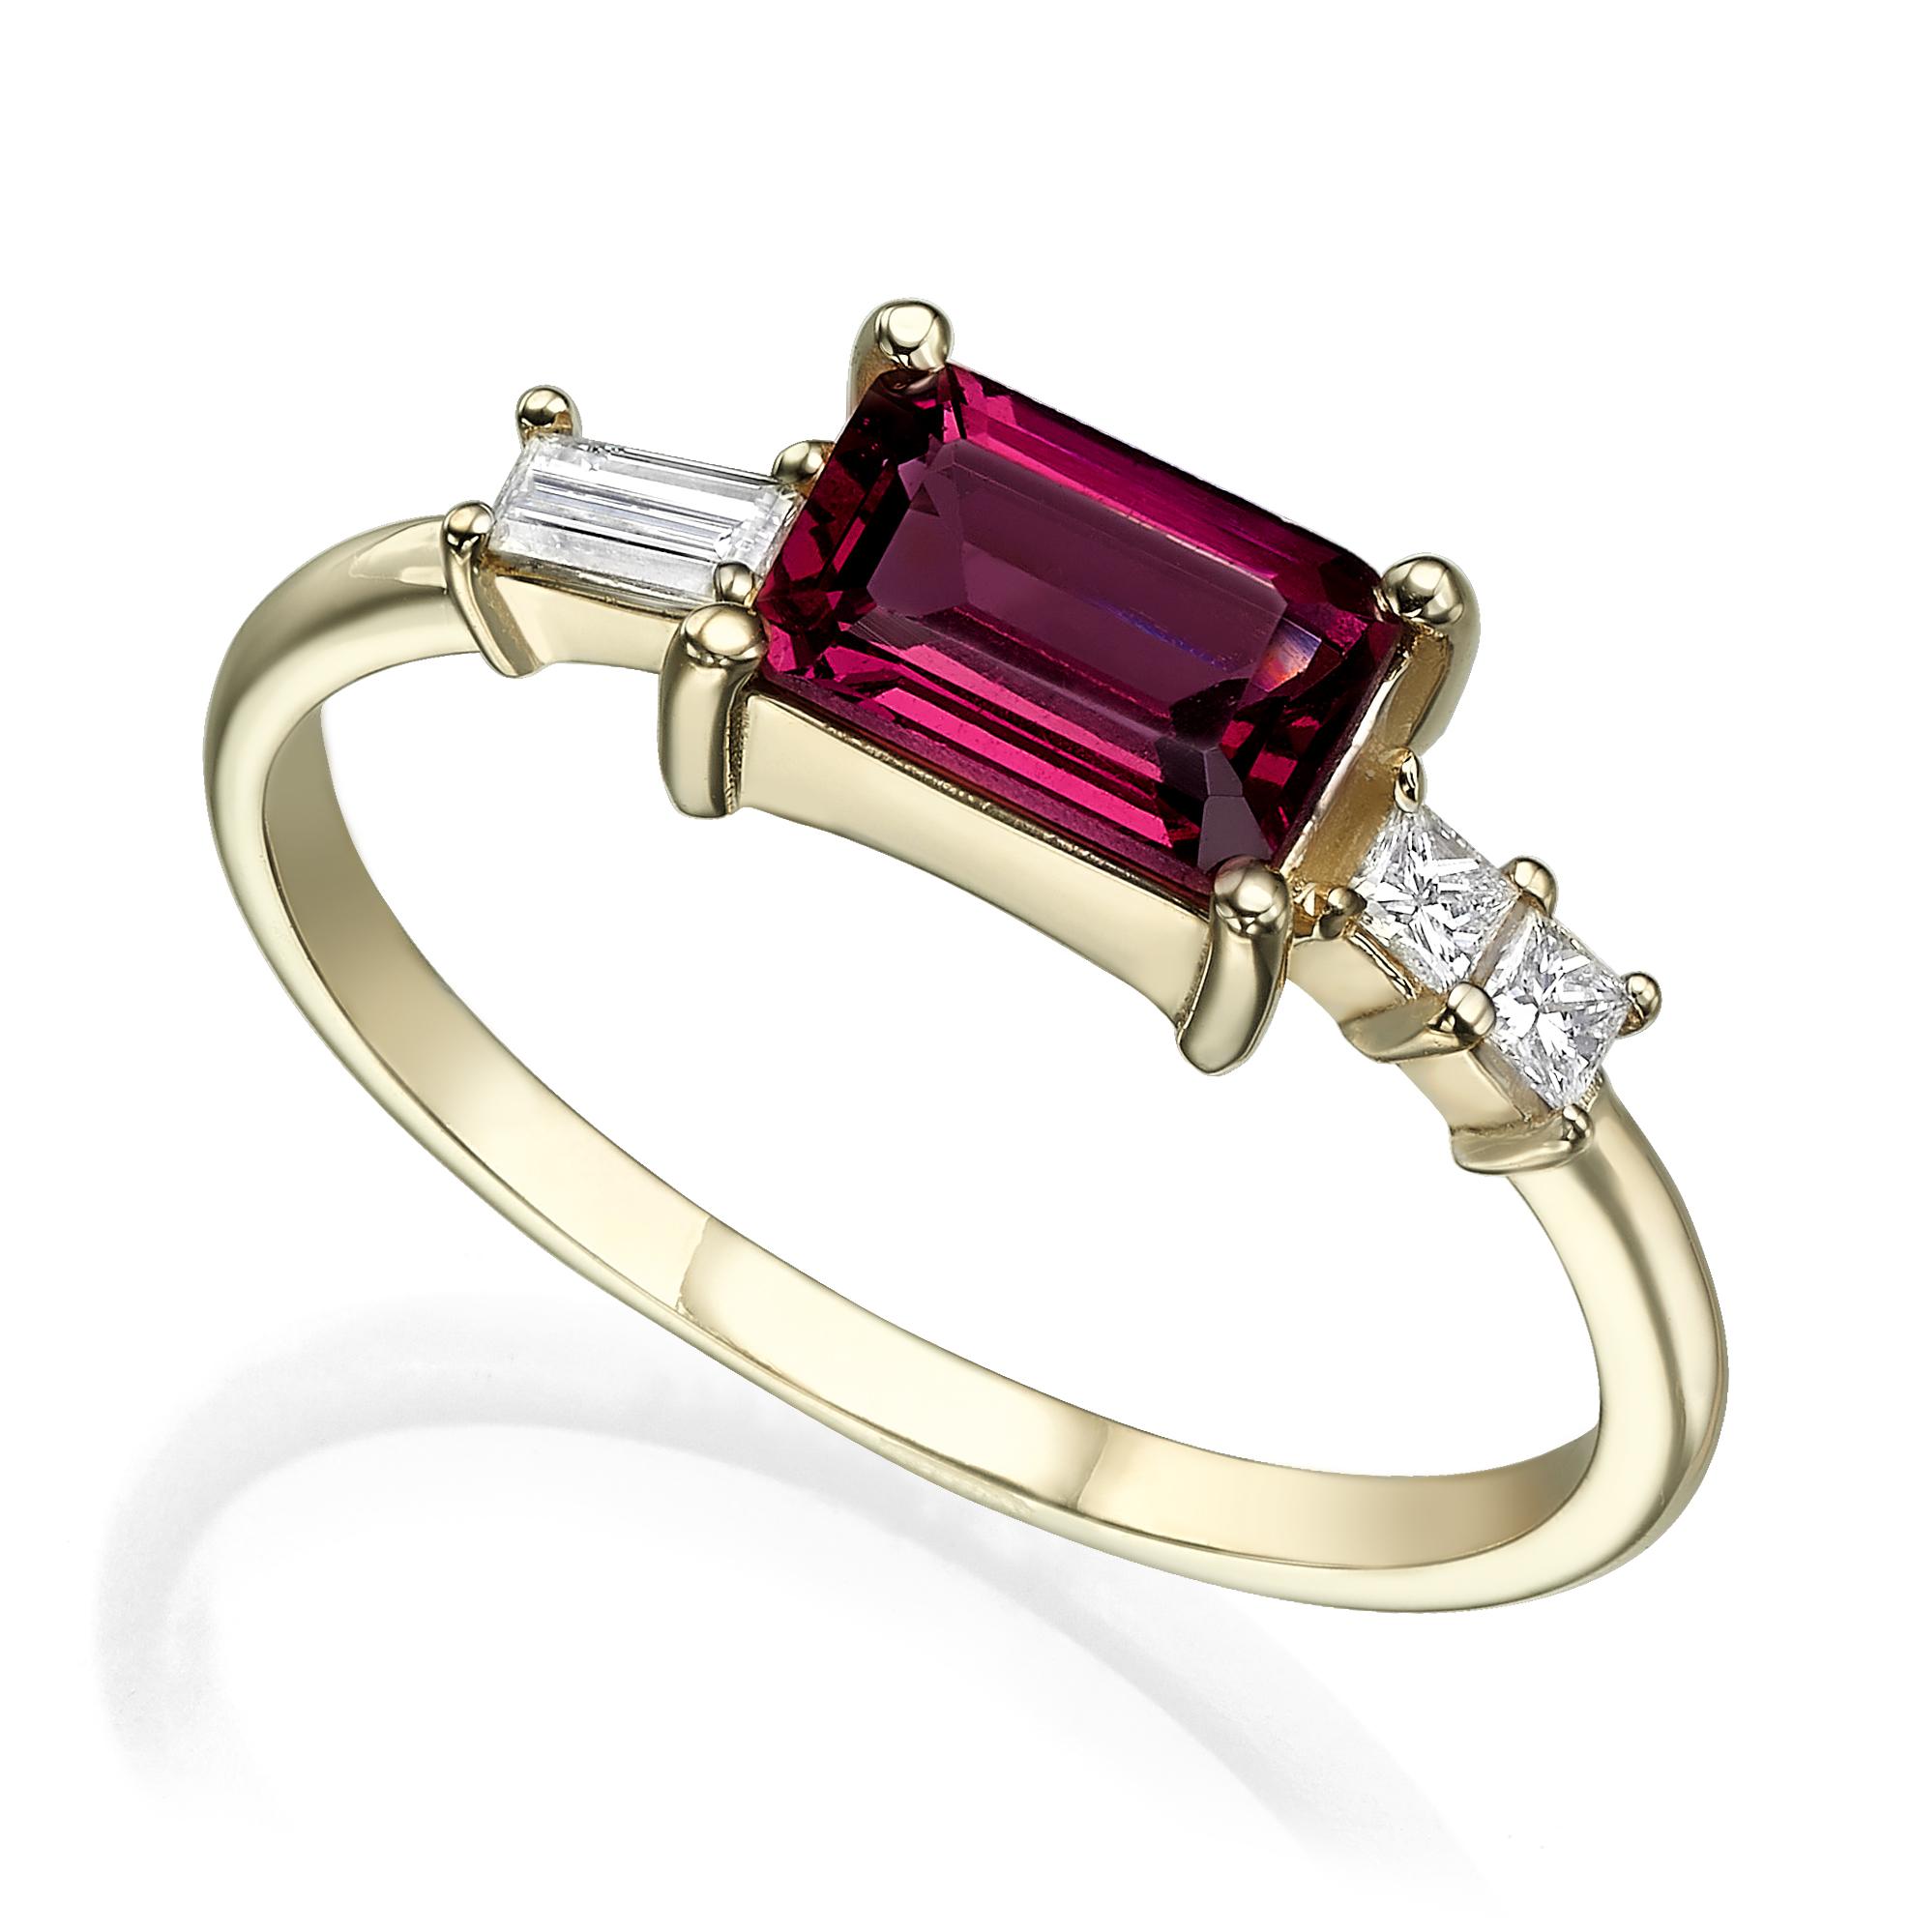 טבעת זהב מושבצת רודולייט בחיתוך מלבני ויהלומים בחיתוך פרינסס ובגט בצדדים